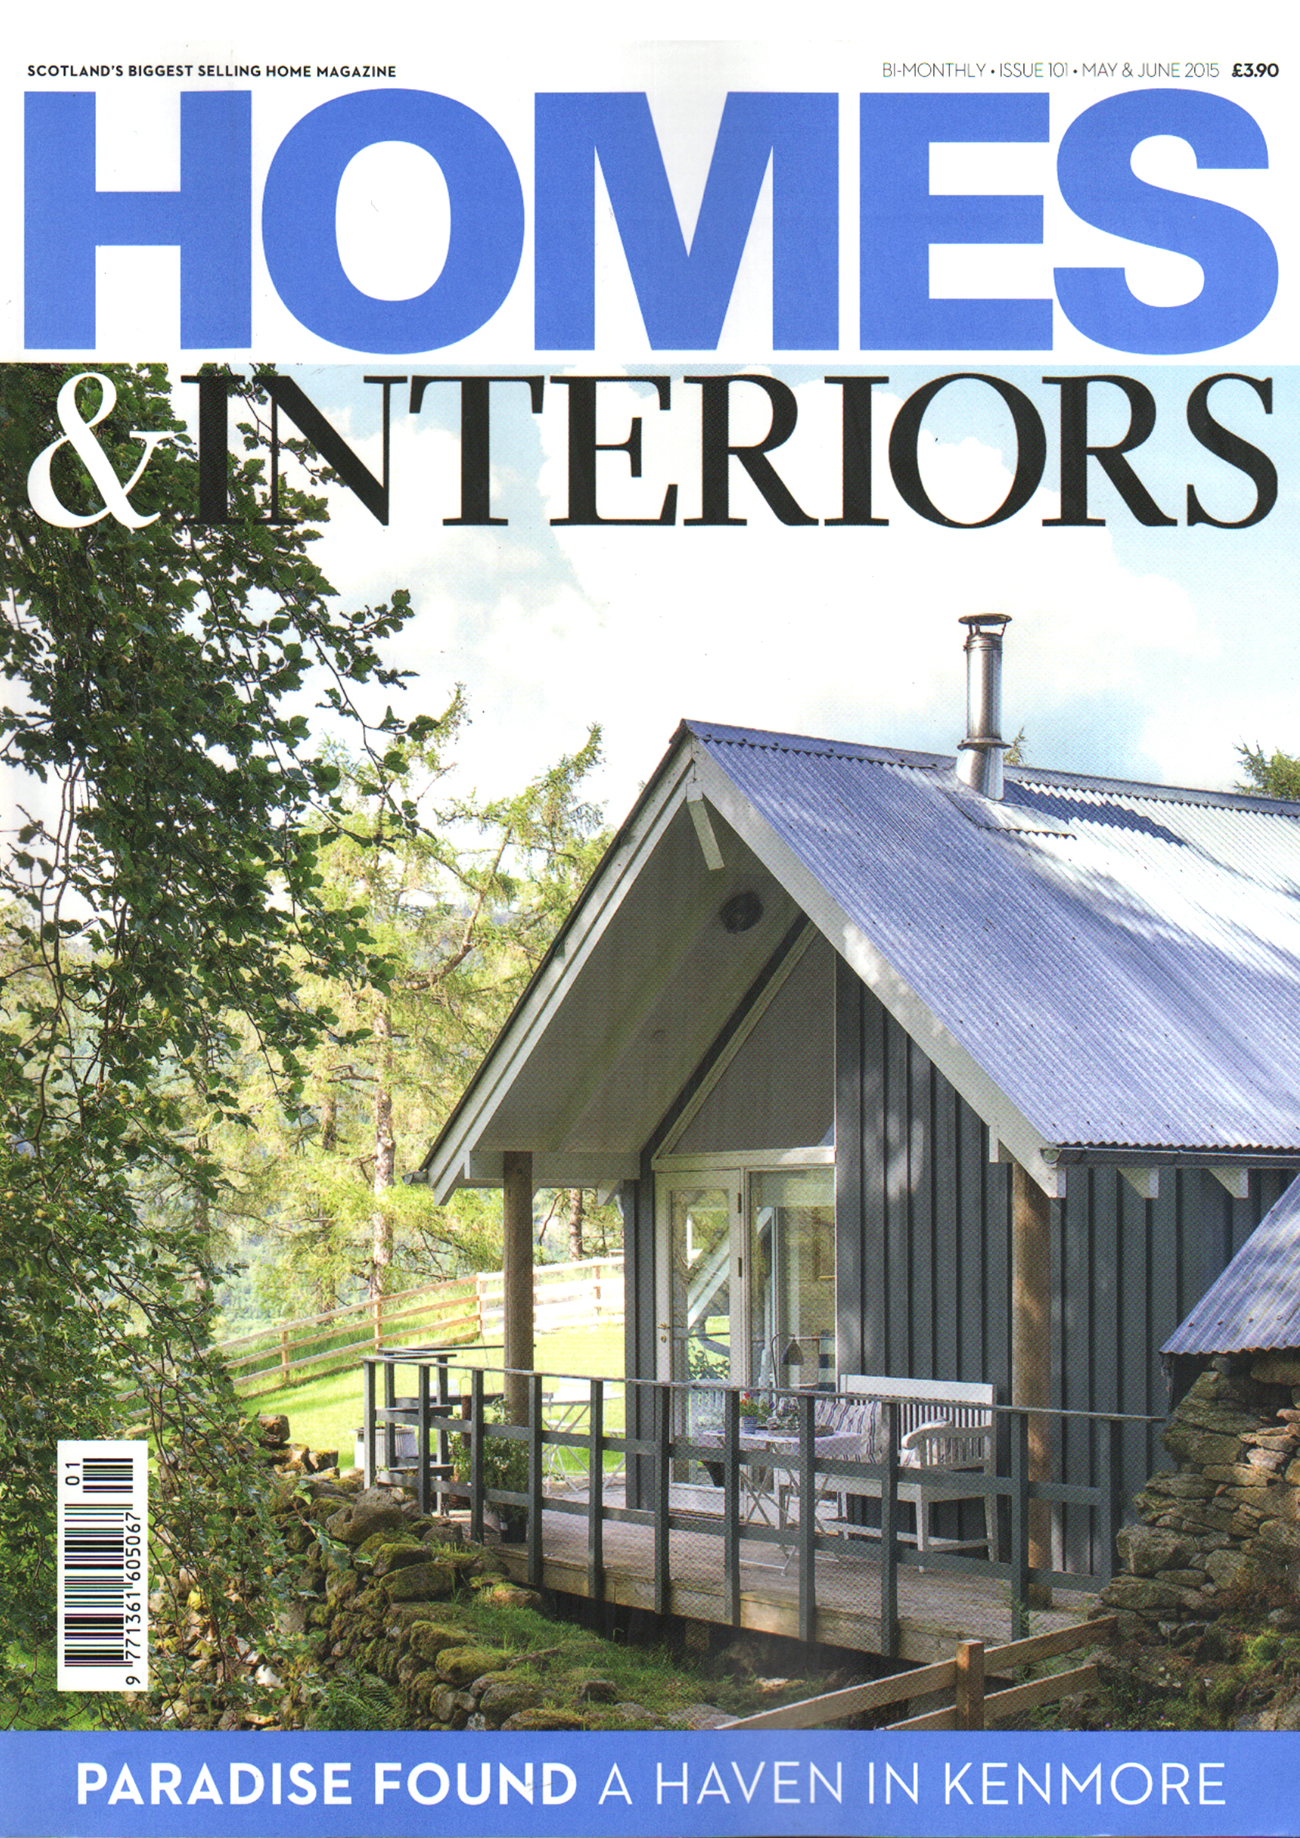 Home Interiors Scotland